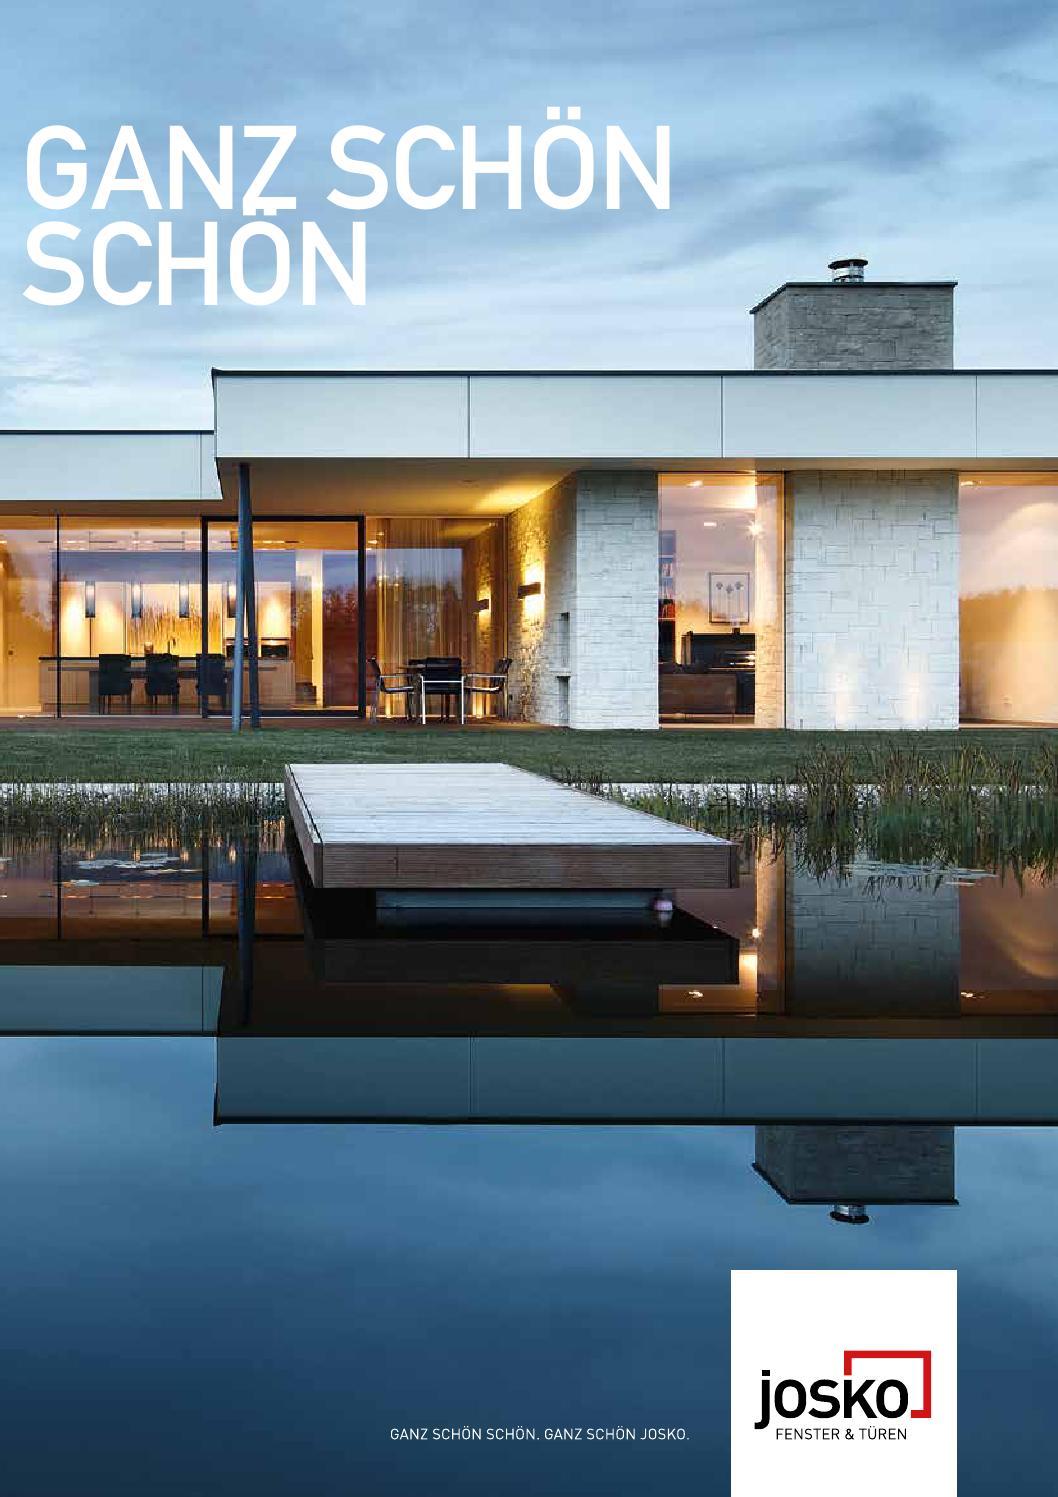 issuu ganz sch n sch n by josko fenster und t ren. Black Bedroom Furniture Sets. Home Design Ideas